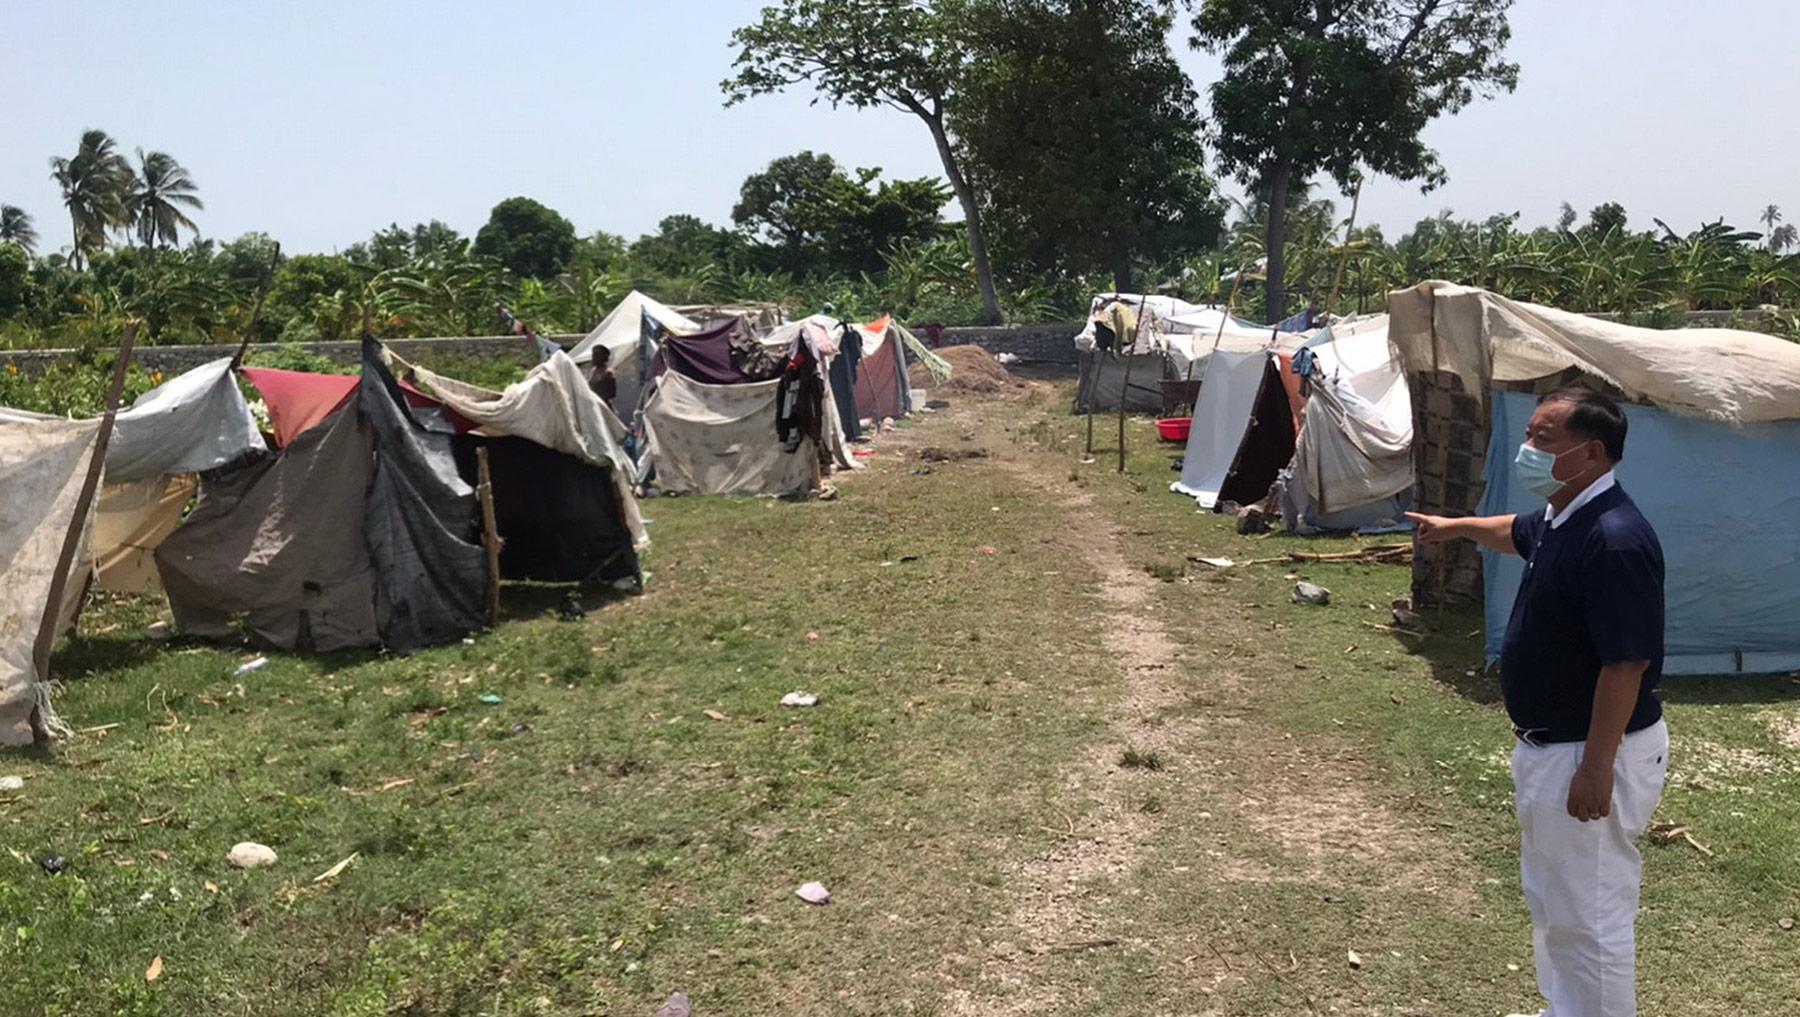 慈濟海地志工走訪地震災民暫居的帳篷區。